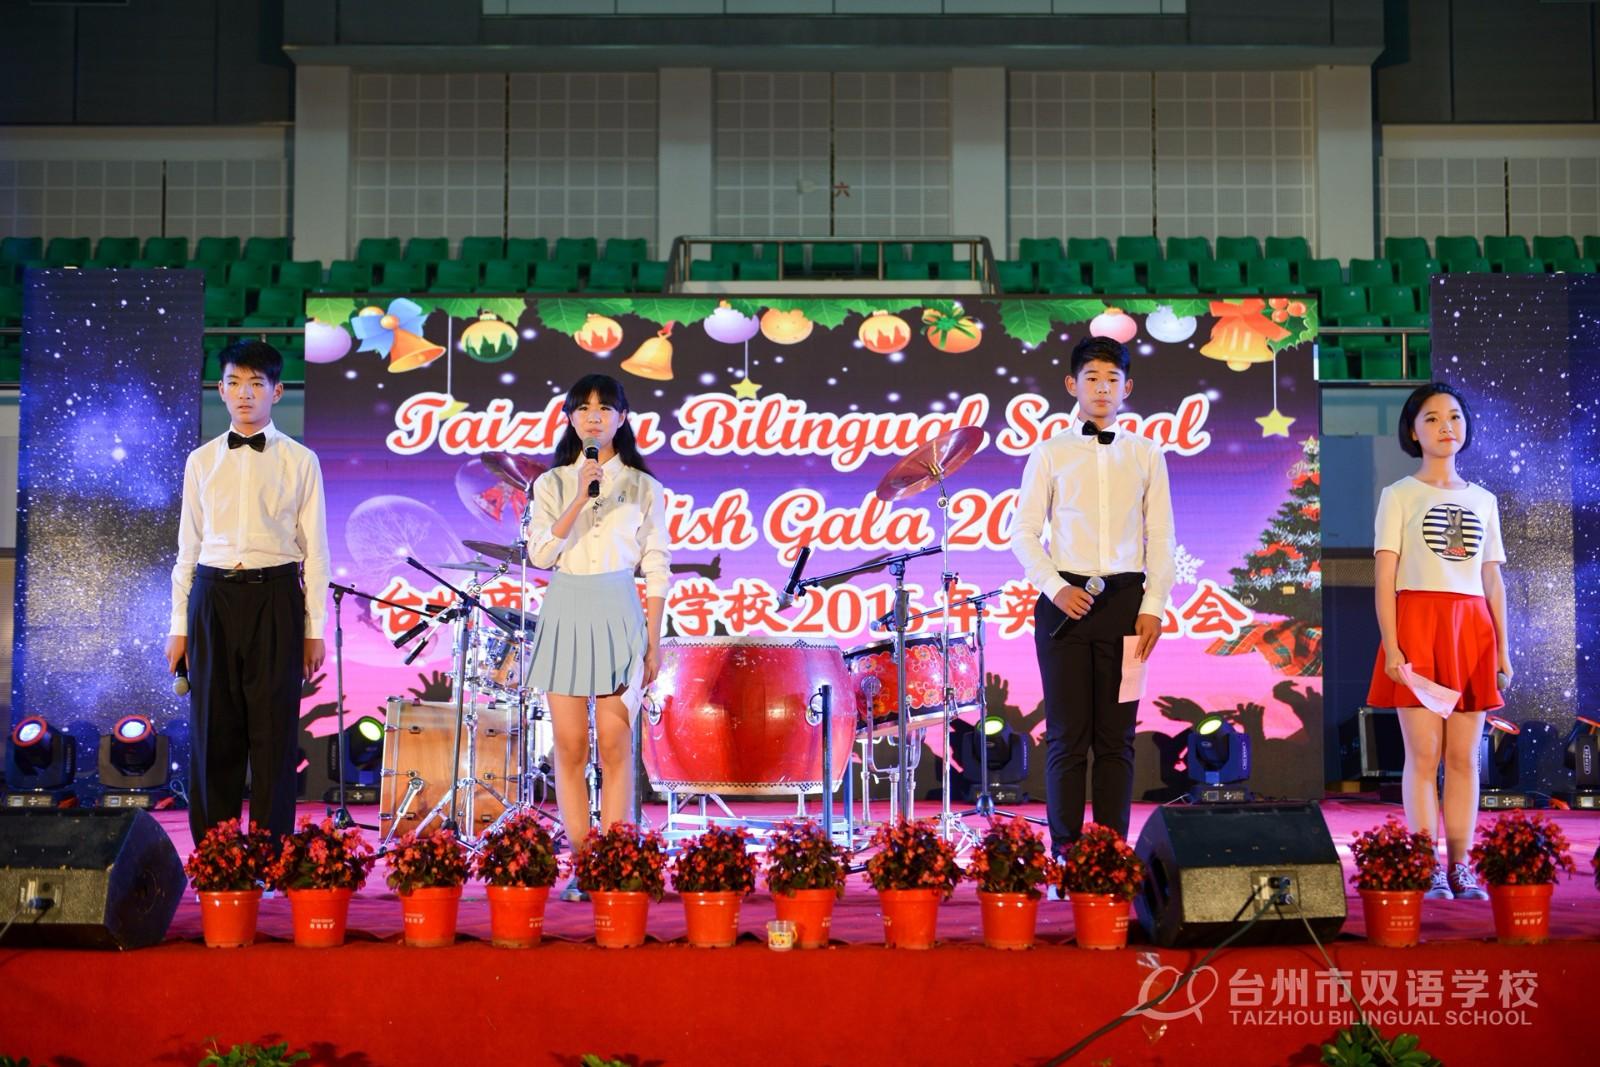 台州双语学校英语晚会D810 (2).jpg